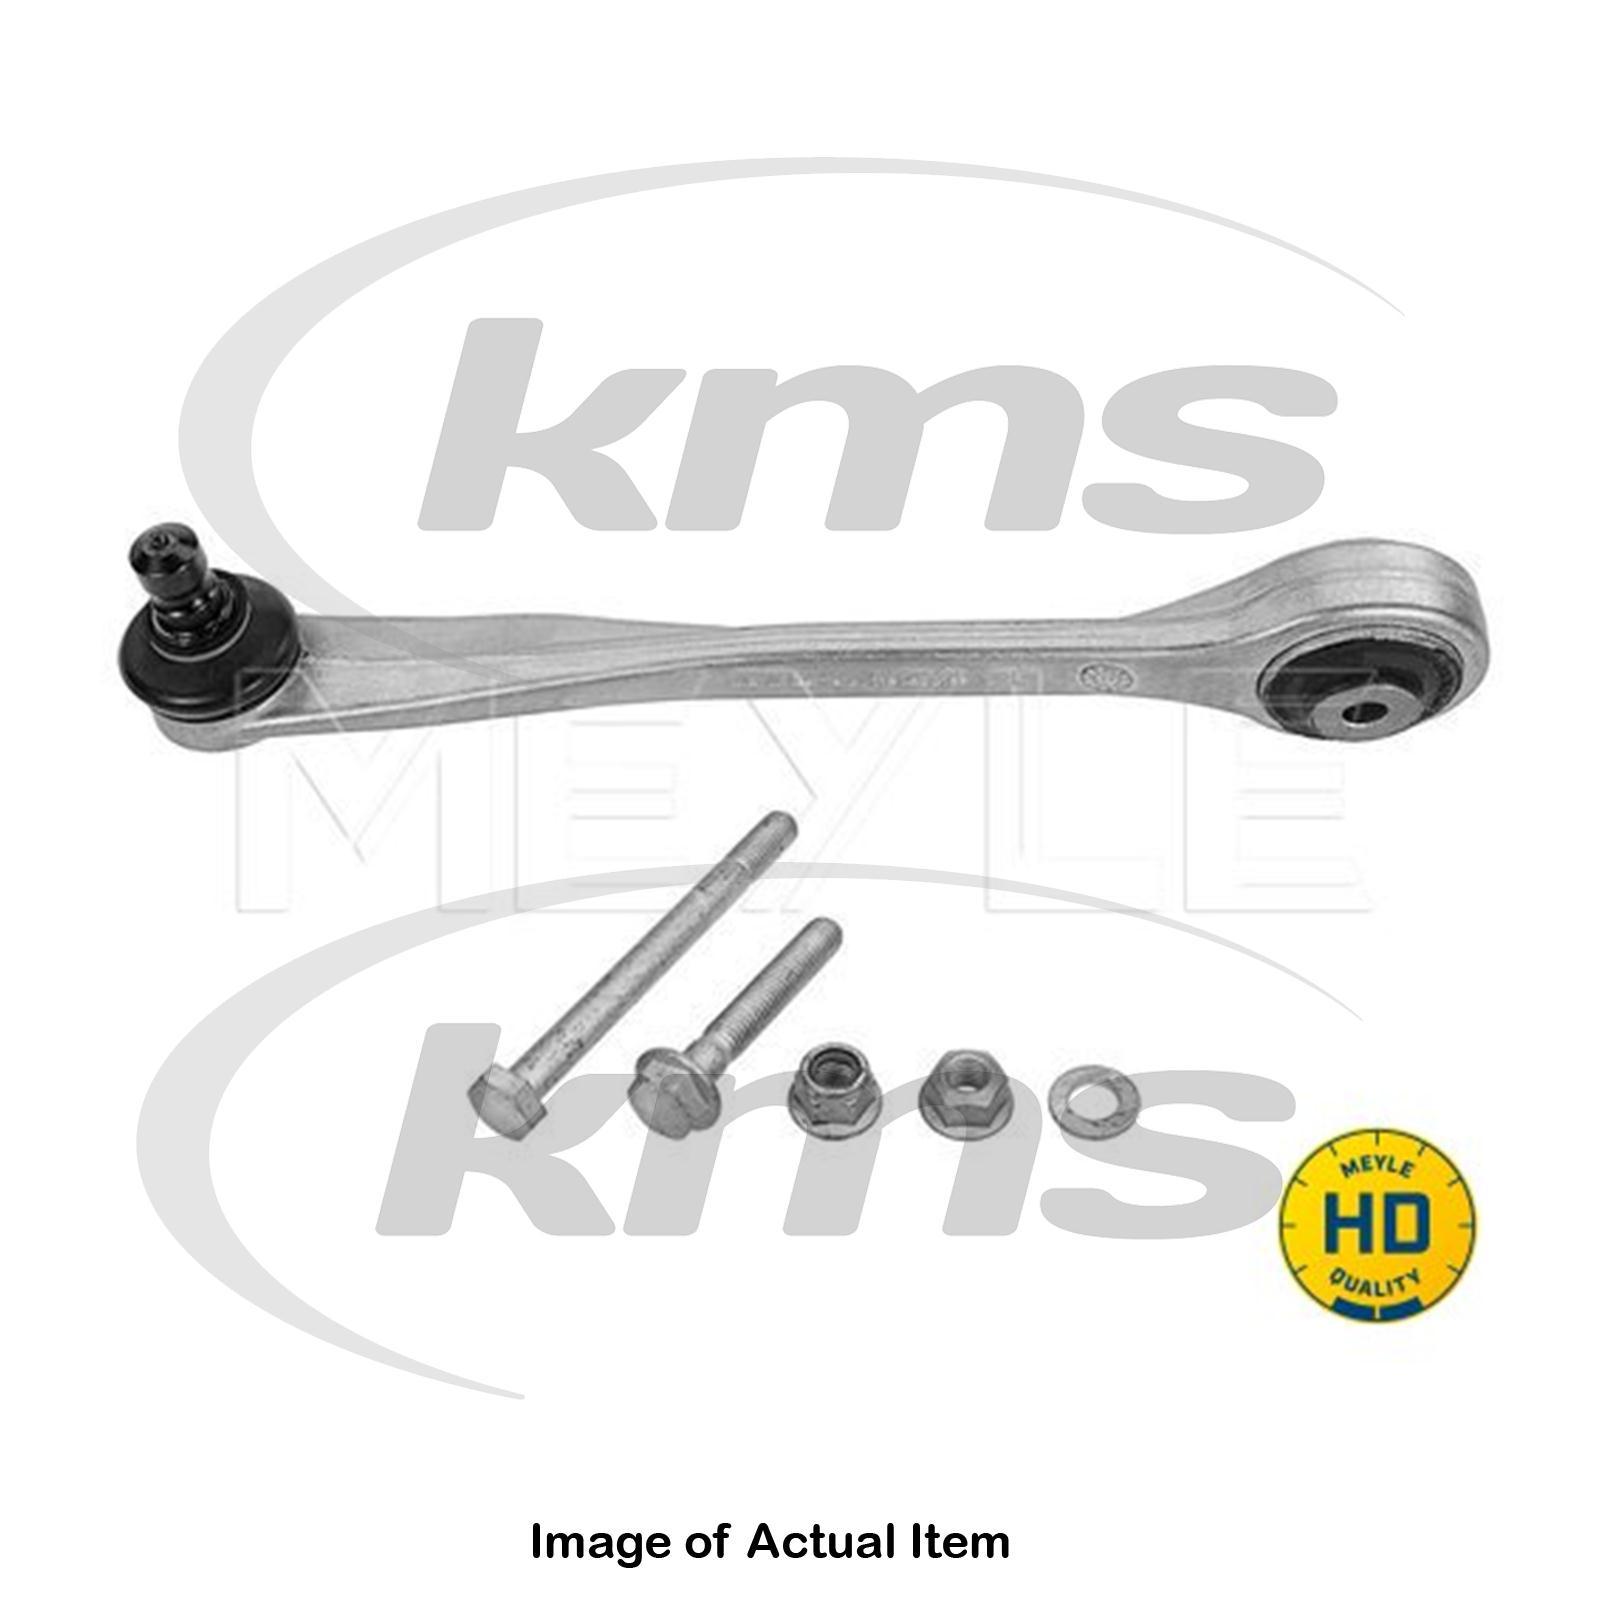 4 x GOETZE Moteur Cylindre Piston Rings kit pour 1 Cyl 0842870000